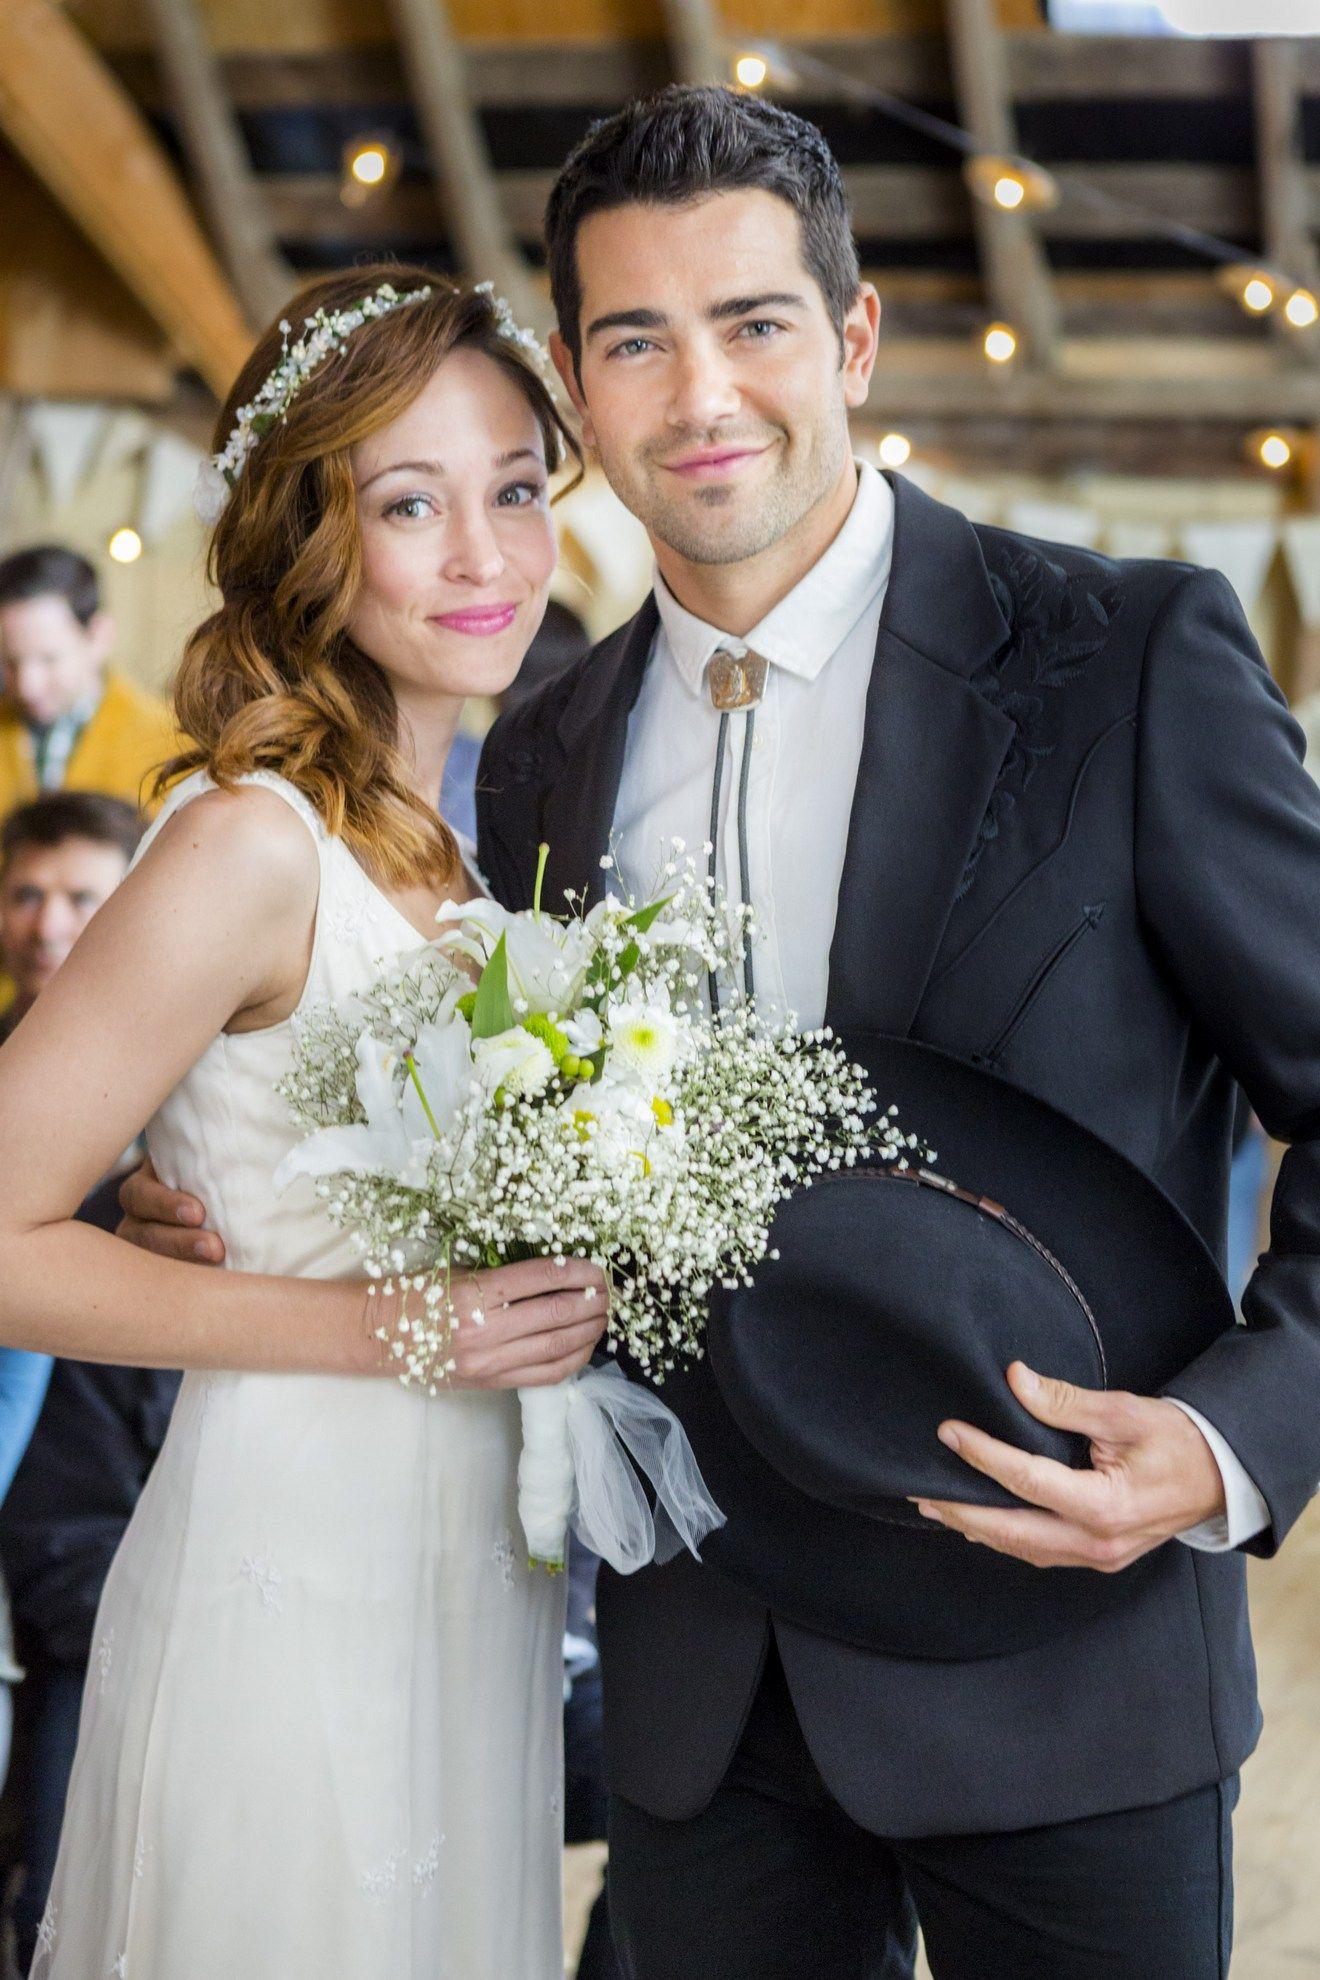 Pin by Ken Rosier on Hallmark movies in 2020 Wedding